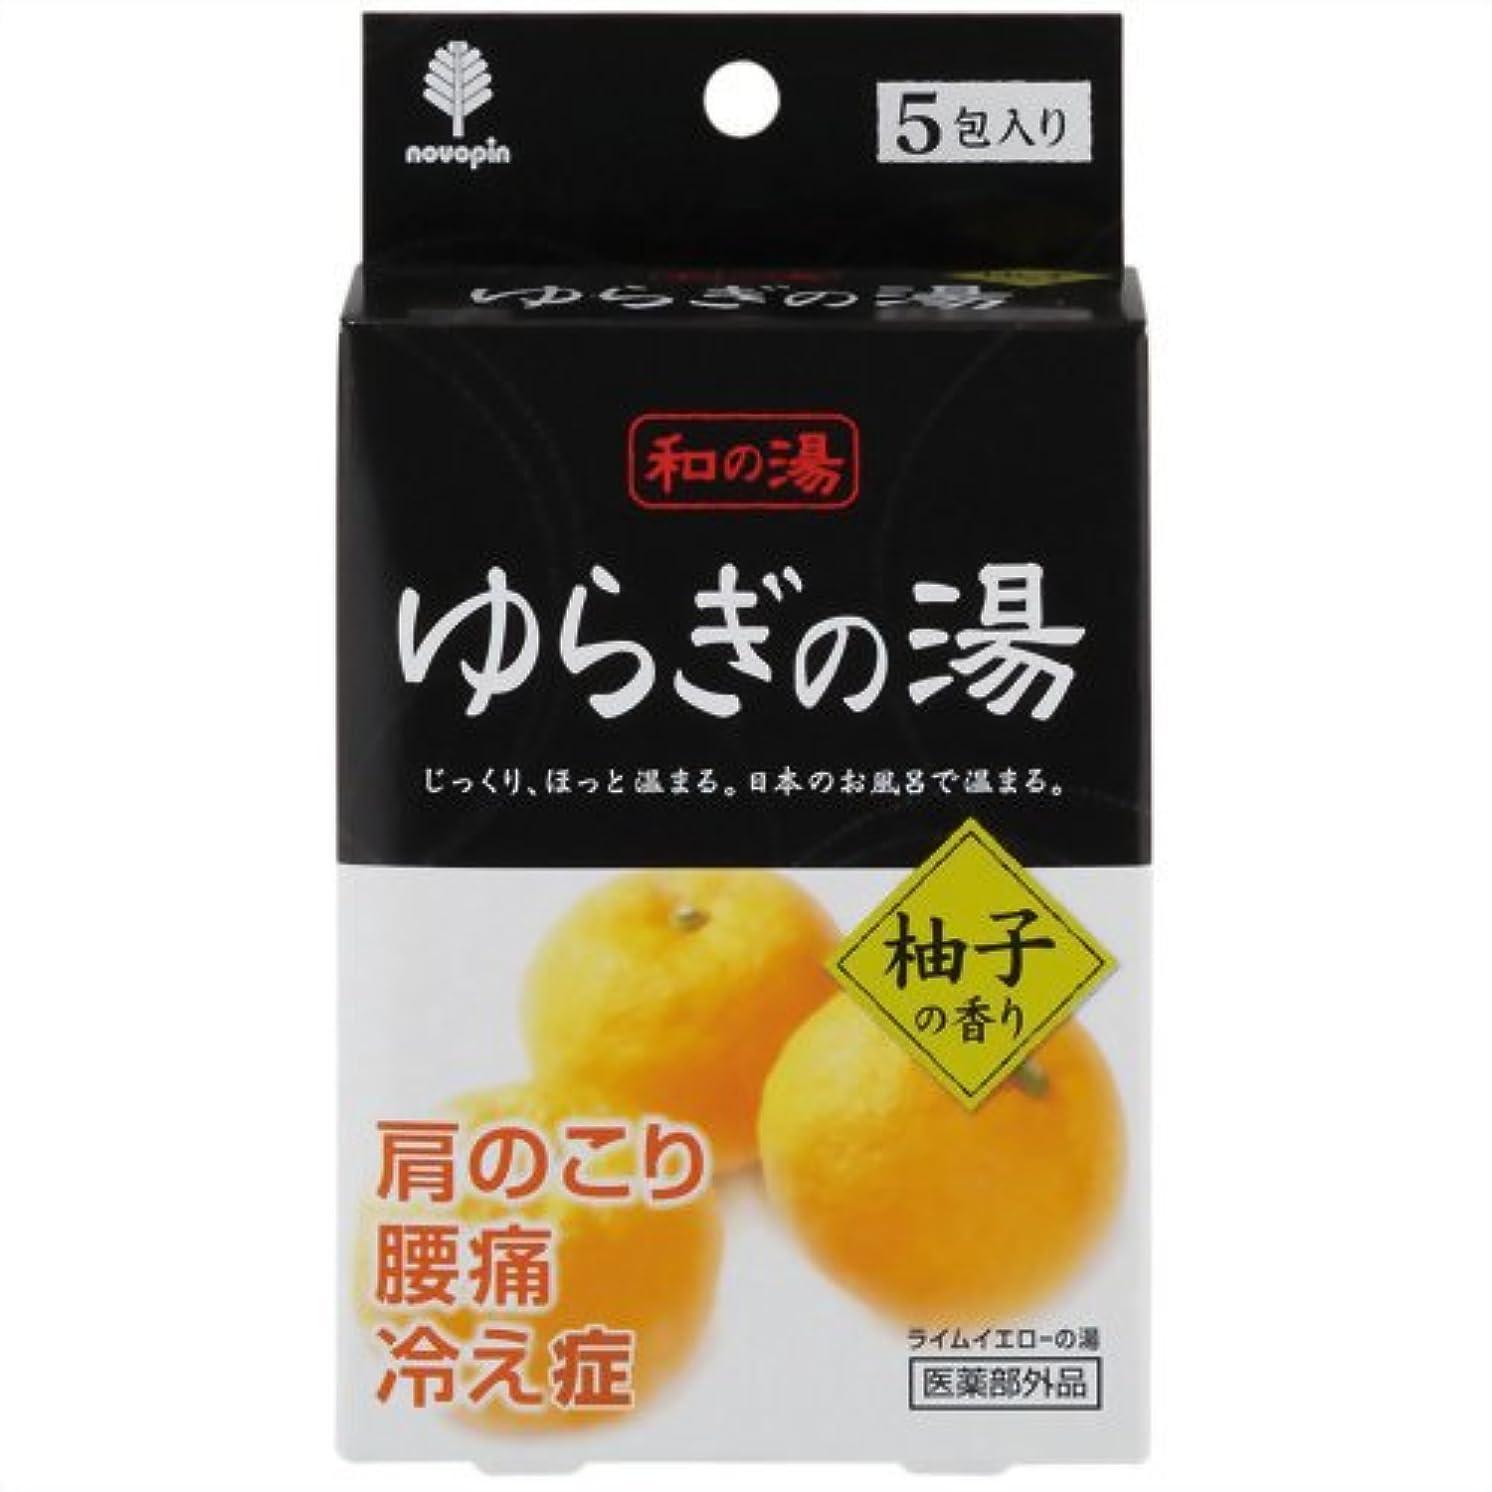 蓋規模ファンタジー和の湯 ゆらぎの湯 柚子の香り